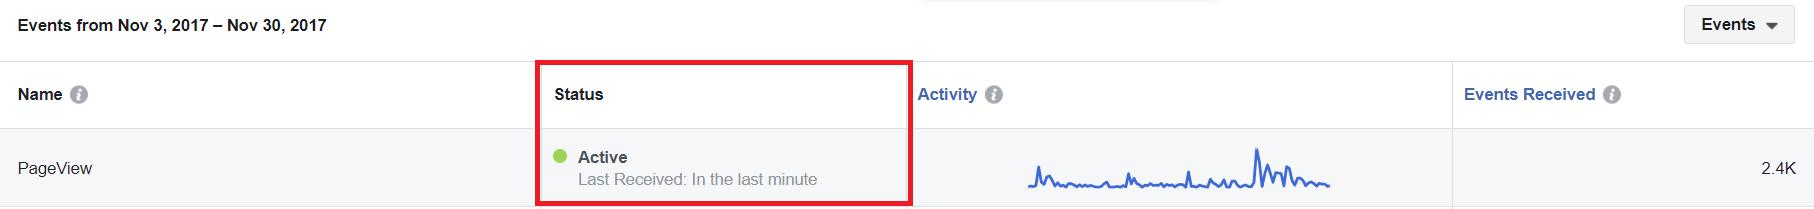 בדיקת תקינות התקנה של הפיקסל של פייסבוק - יוריס דיגיטל